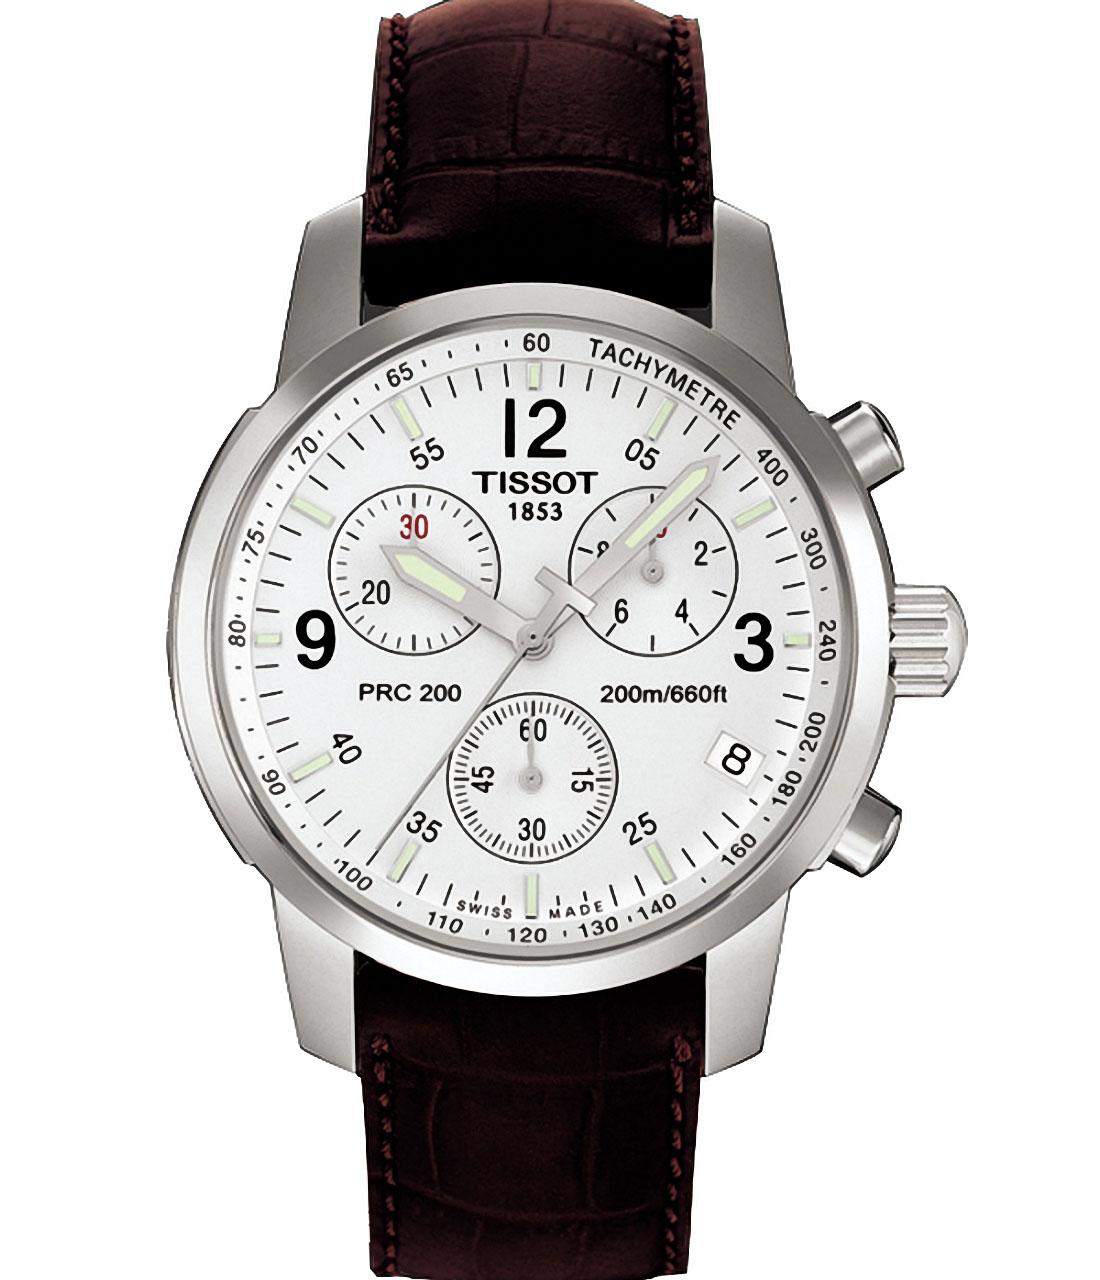 天梭表如何调节手表指针